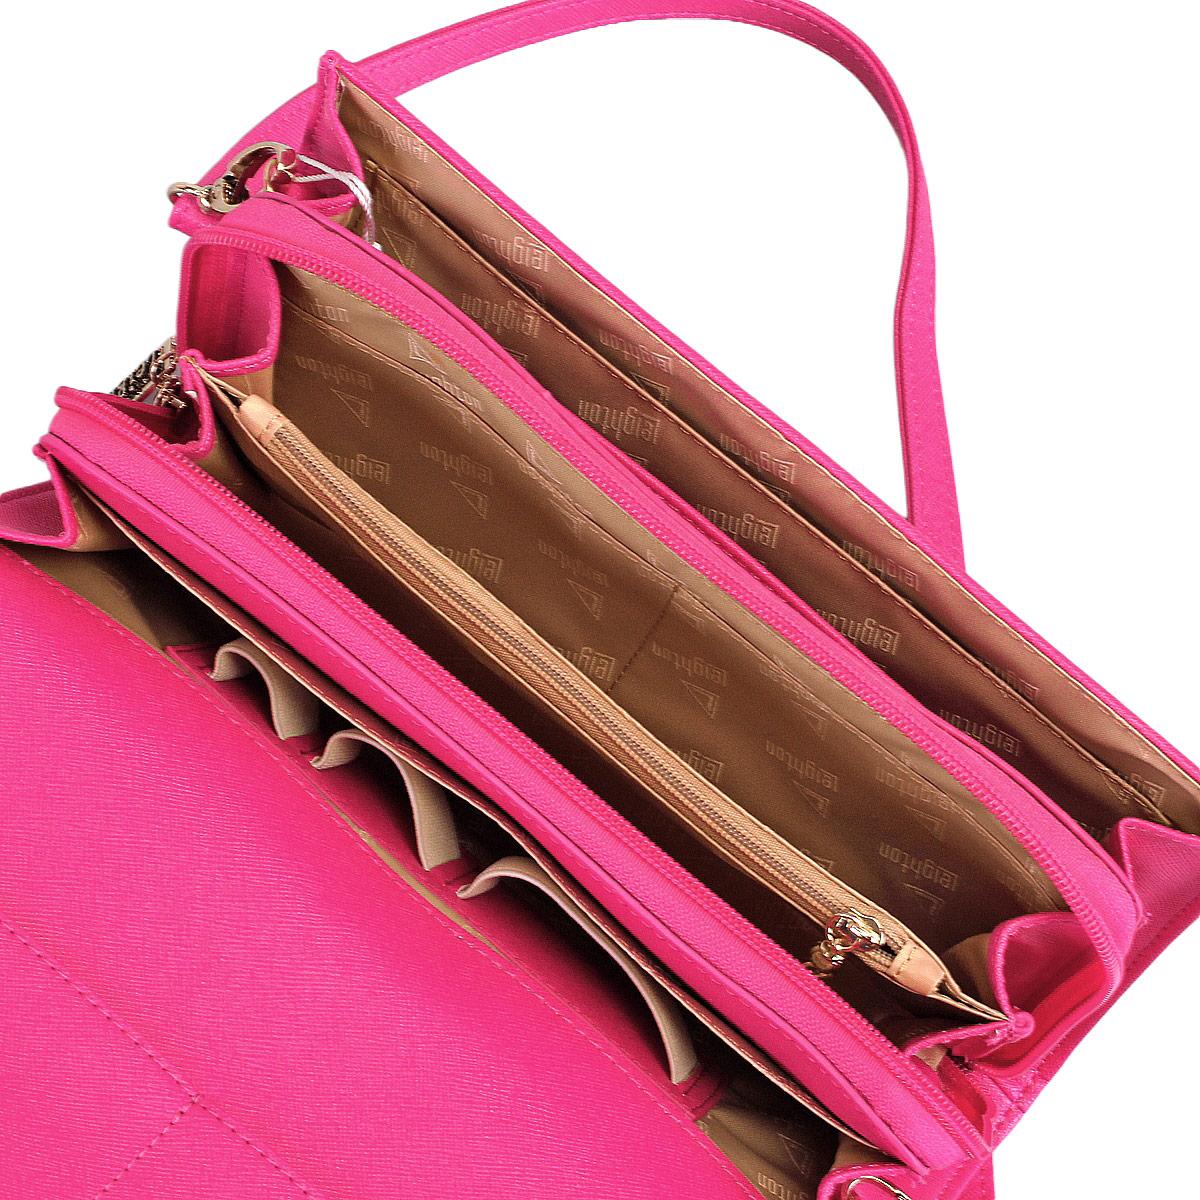 Сумка-клатч женская Leighton, цвет: молочный, розовый. 10656-3769 ( 10656-3769/23/3769/20 беж )